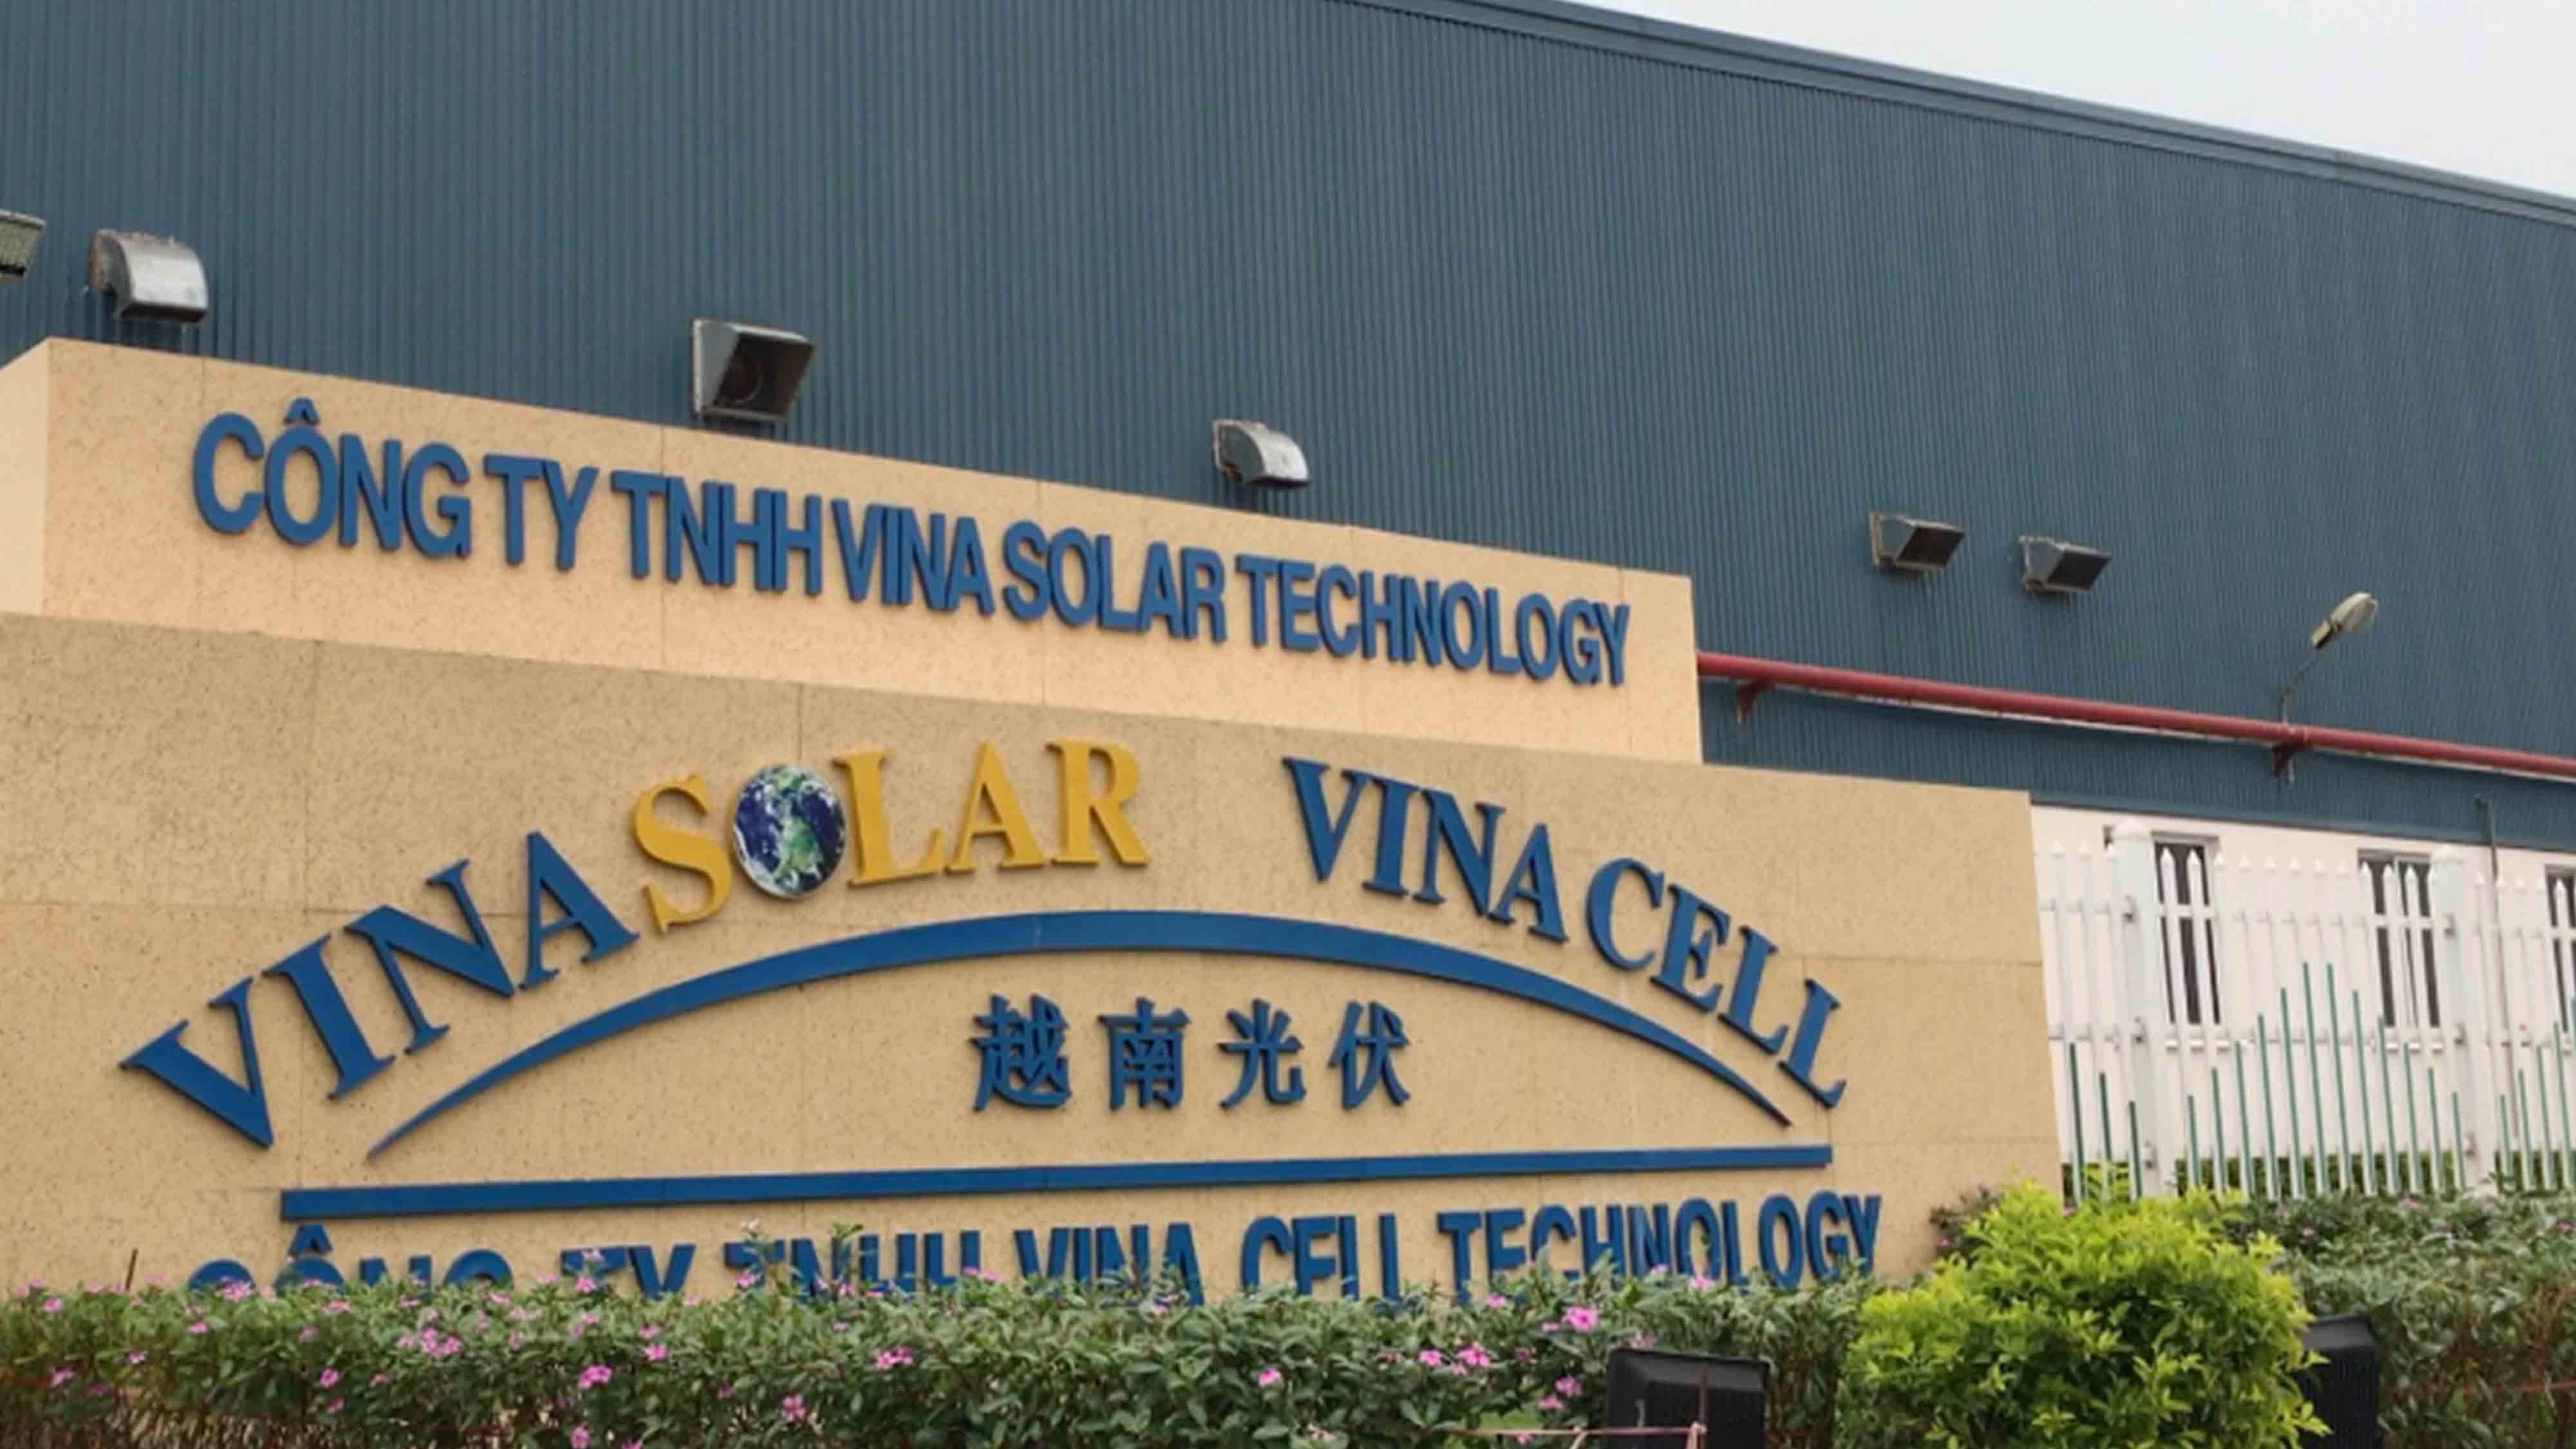 Vina Solar